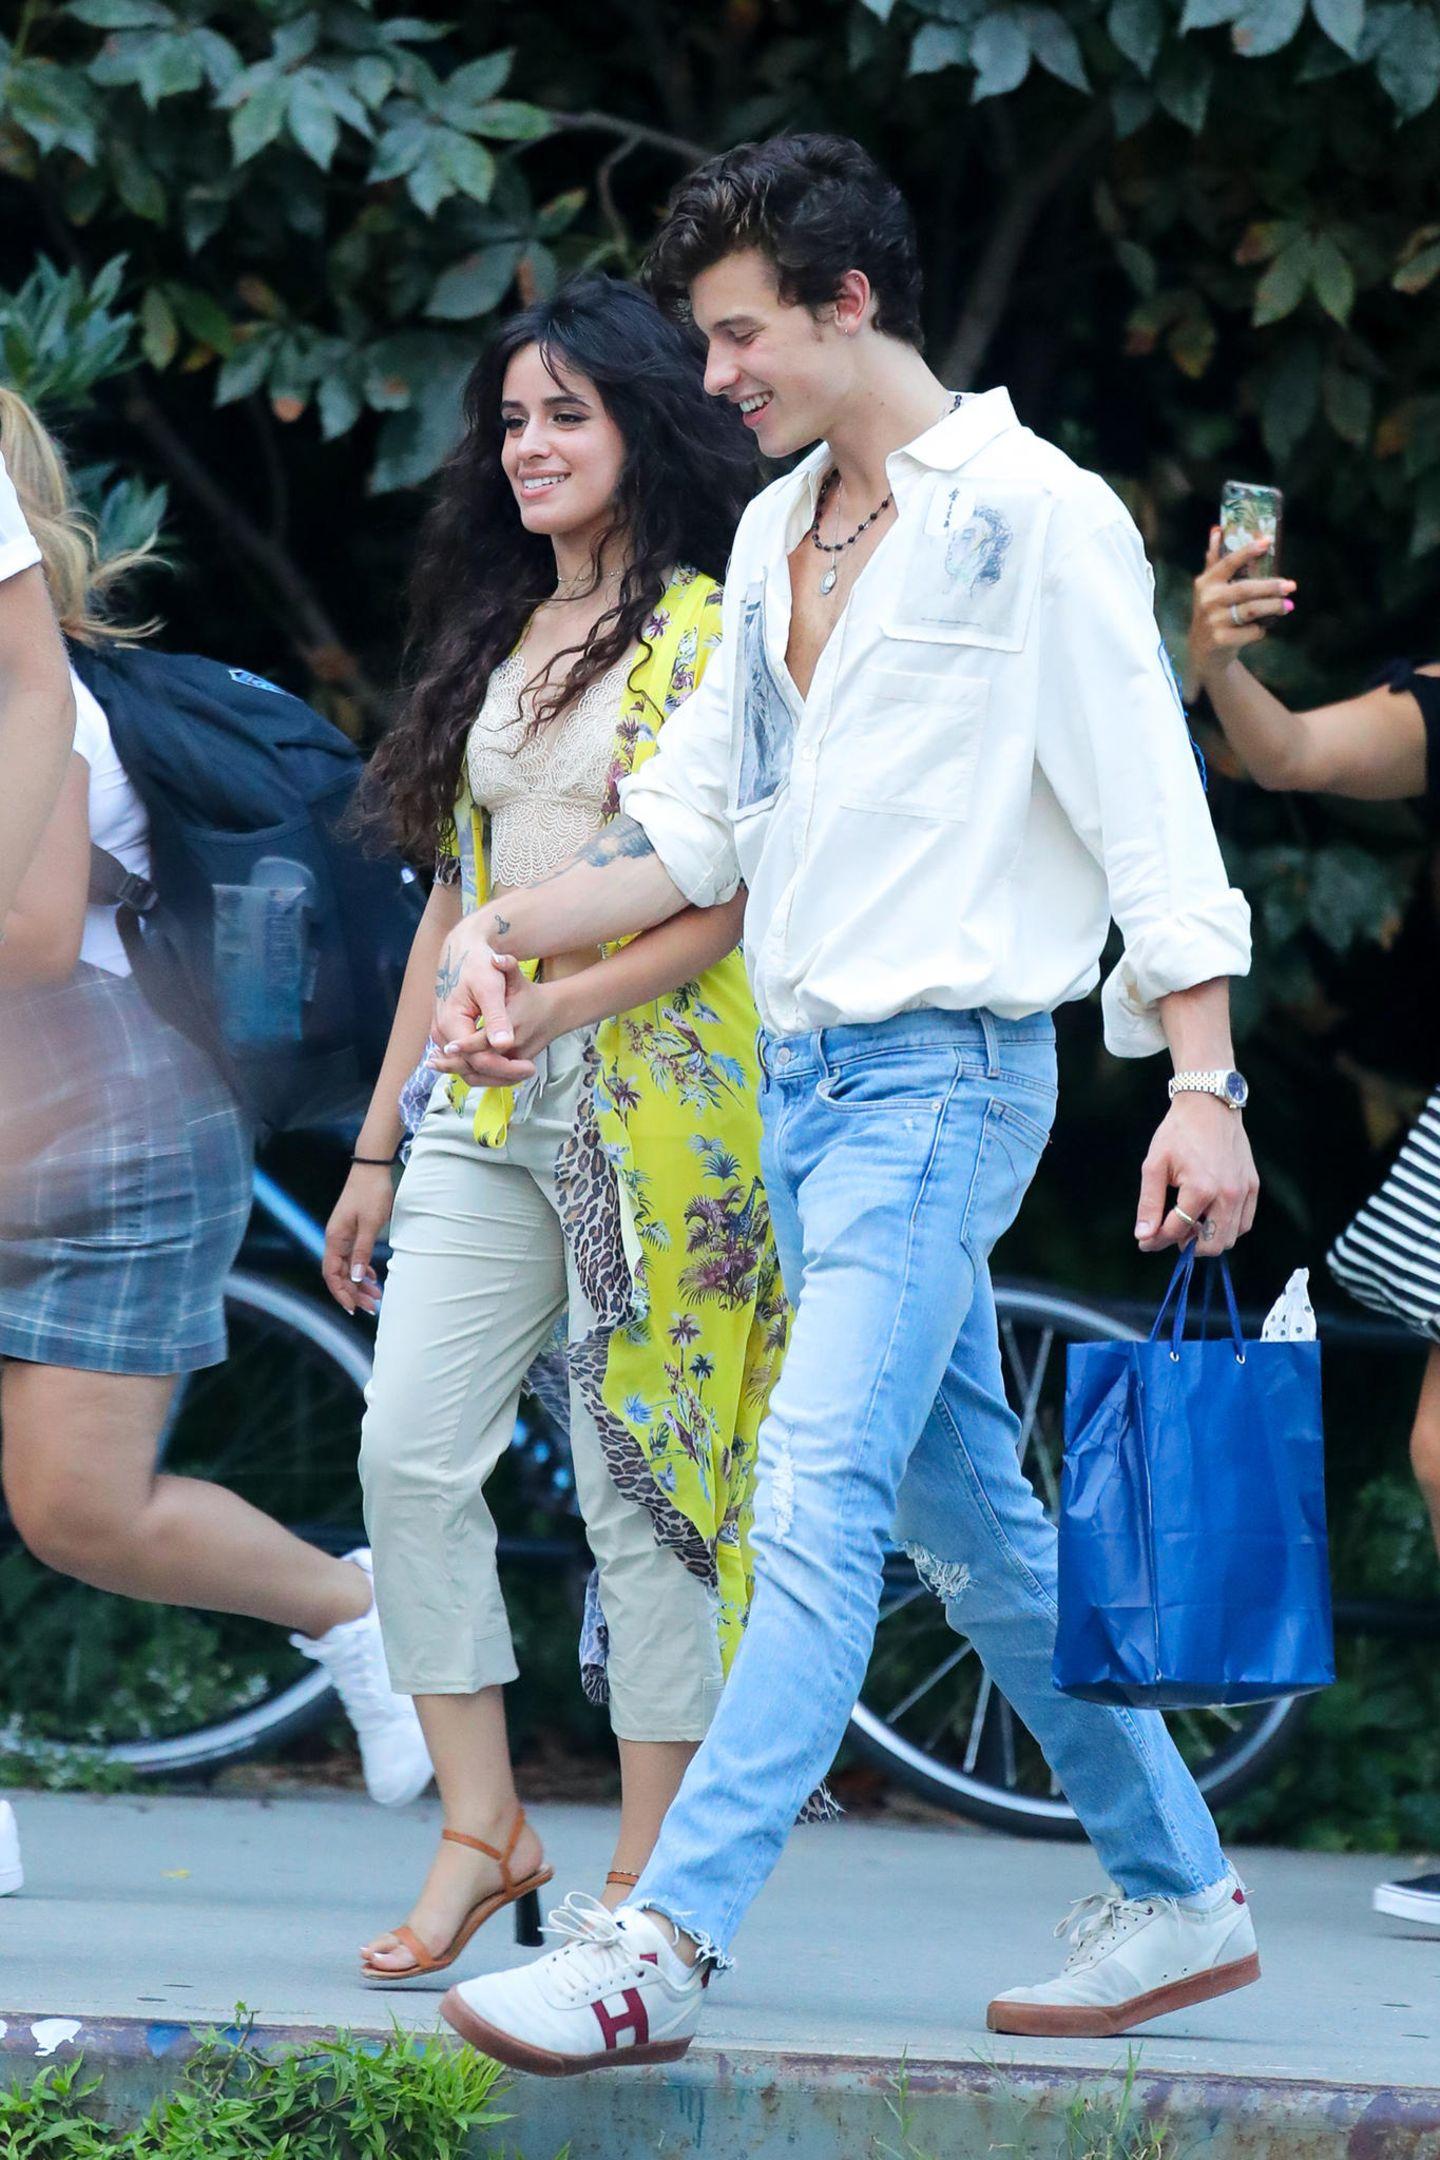 Hand in Hand verlassen Camila Cabello und Shawn Mendes ein Restaurant in Brooklyn. Ihr Dinner-Date lassen die zwei lässig angehen: WährendShawn eine blaue Jeans und ein weit aufgeknöpftes Hemd trägt, entscheidet sich die 22-jährige Sängerin für eine graue Hose samt sexy Spitzen-Bustier und einer gelben Maxi-Bluse. Ein Look, in dem Camila nicht nur am Abend gesichtet wird ...